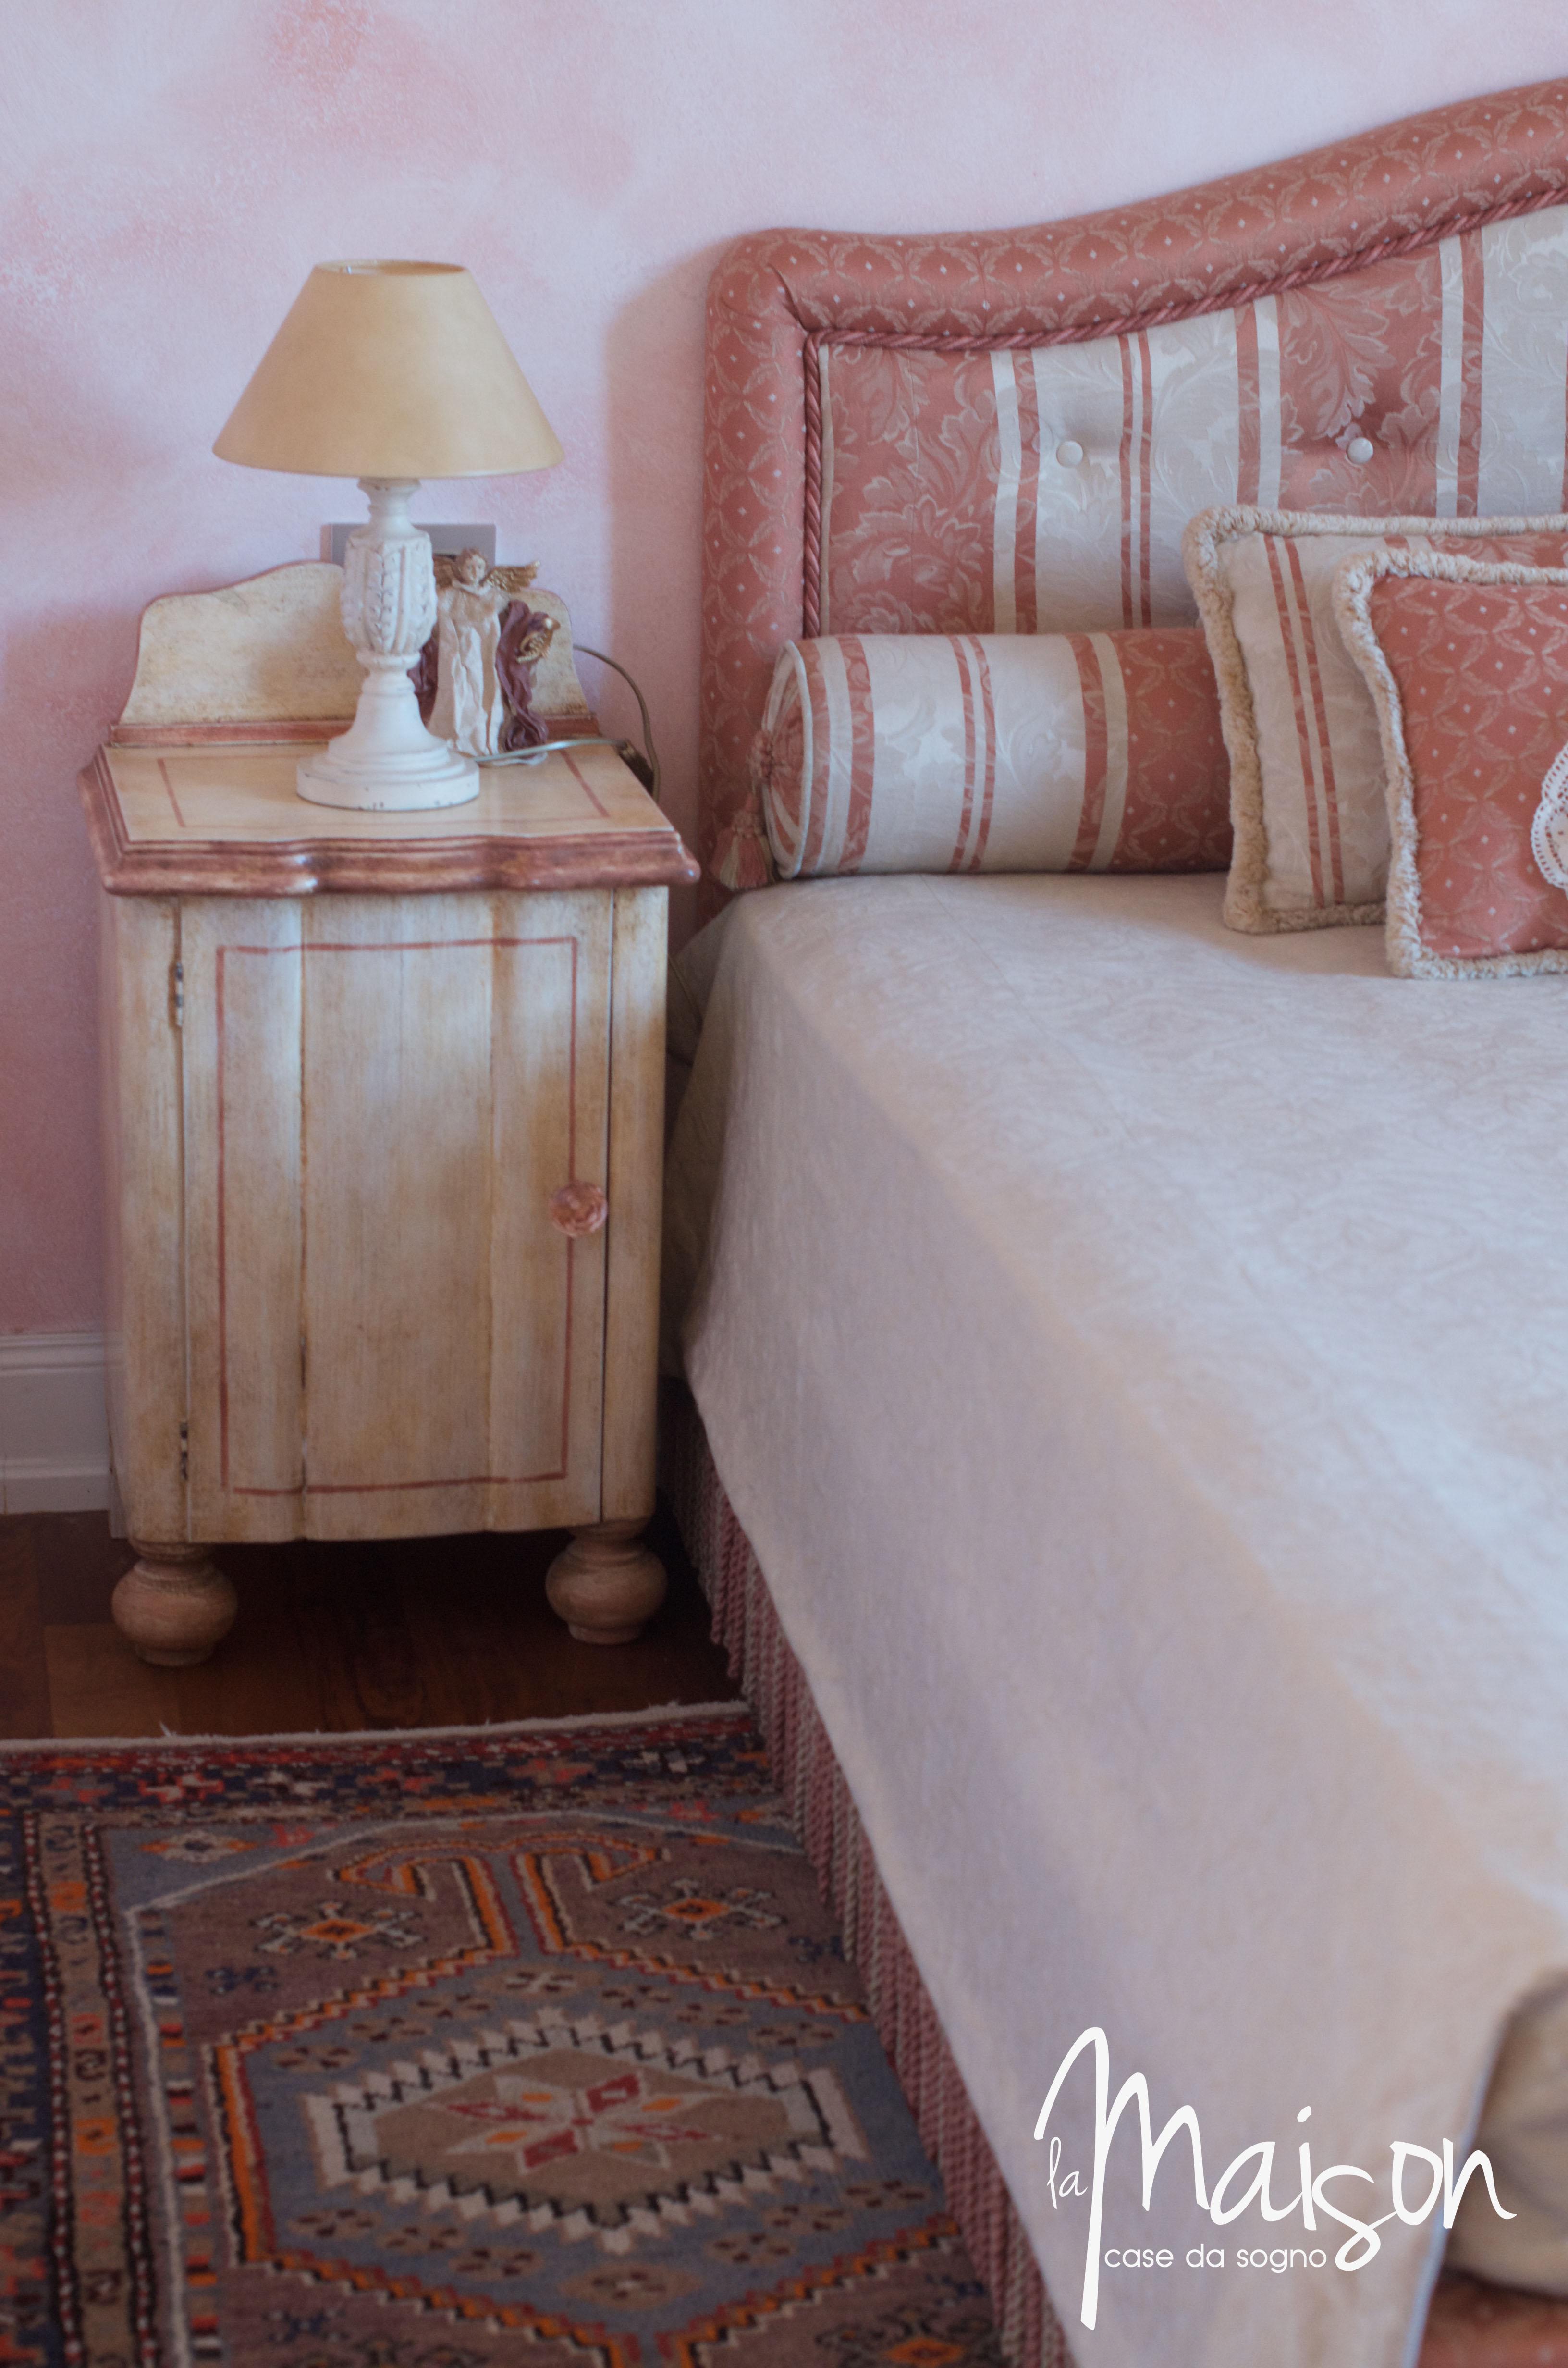 appartamento con mansarda la castellina prato agenzia immobiliare case vendita la maison case da. Black Bedroom Furniture Sets. Home Design Ideas